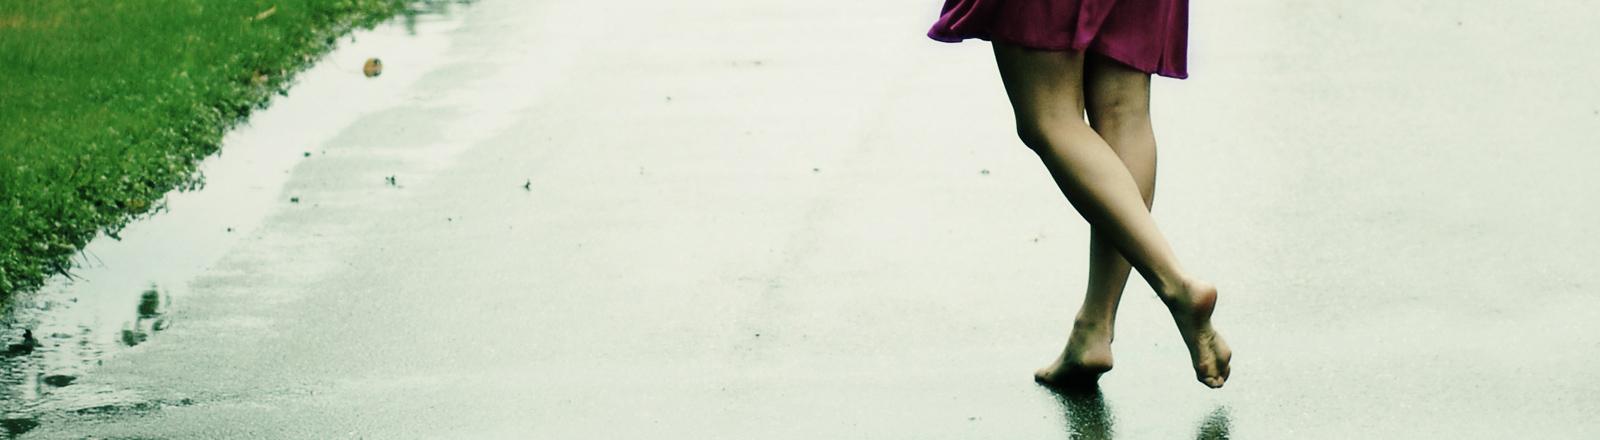 Eine Frau geht barfuß auf der Straße bei Regen.